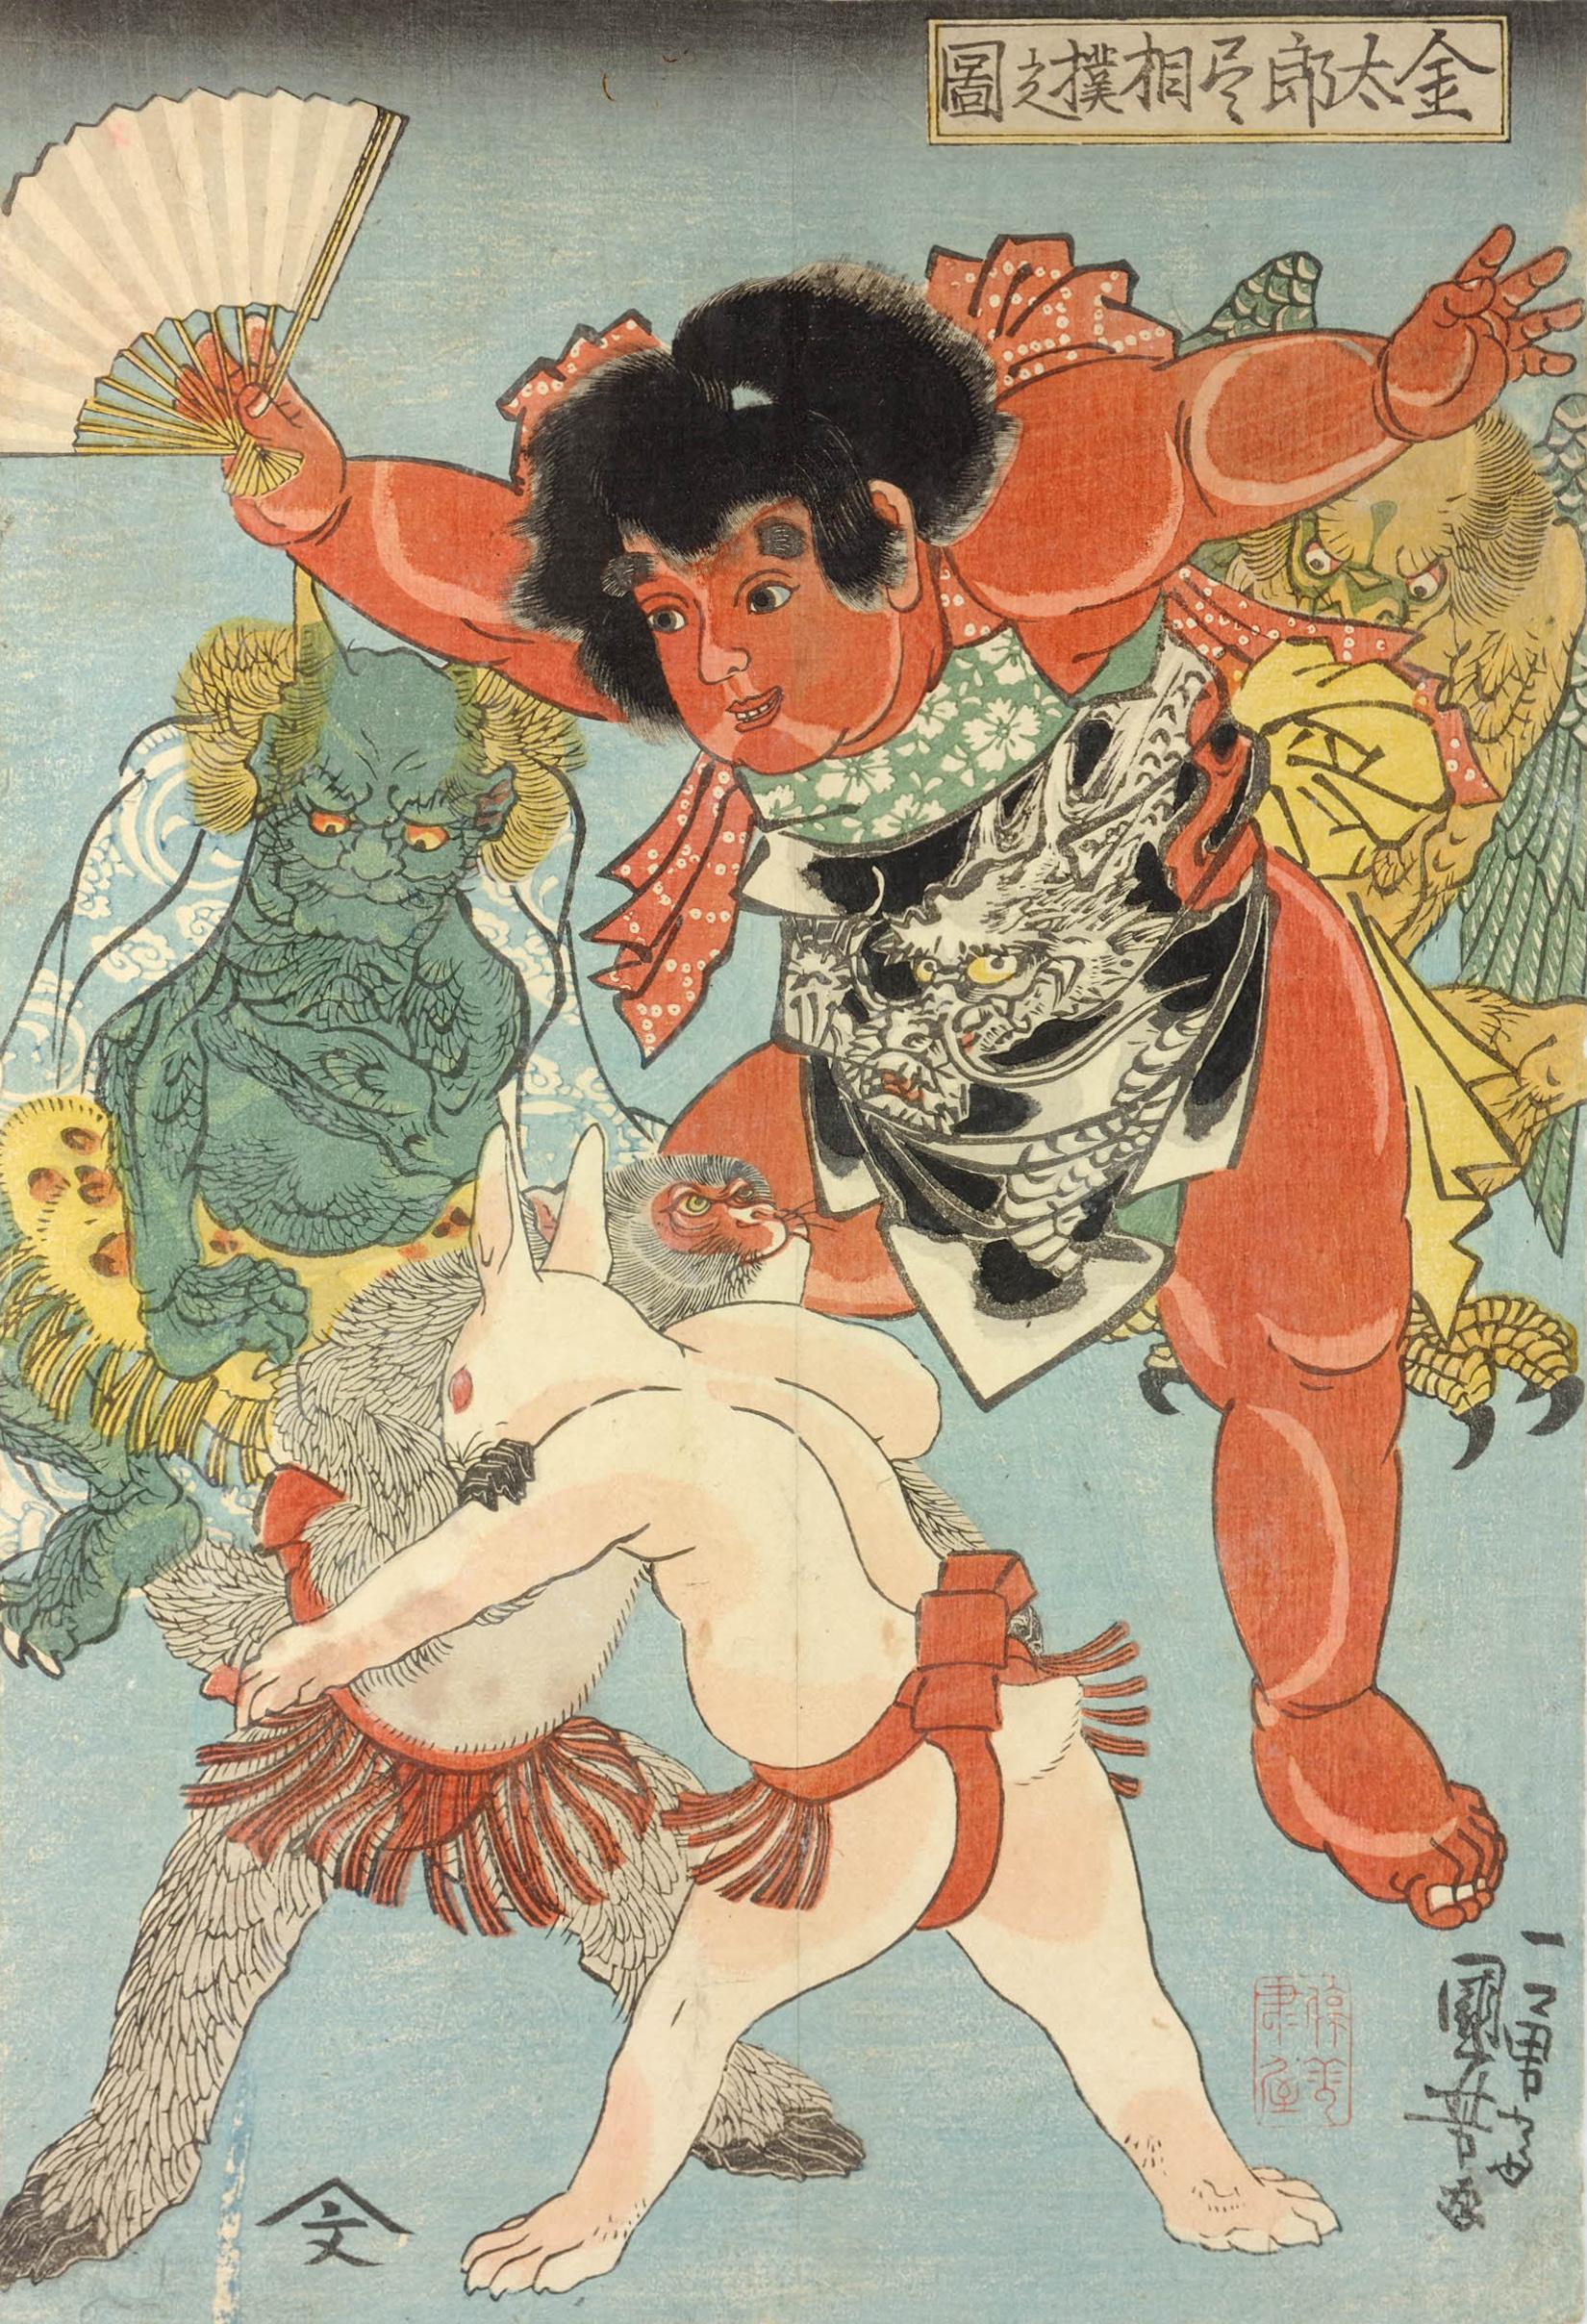 Kintaro zukushi - Sumo no zu (The Complete Kintaro - The Sumo Bout) 1840